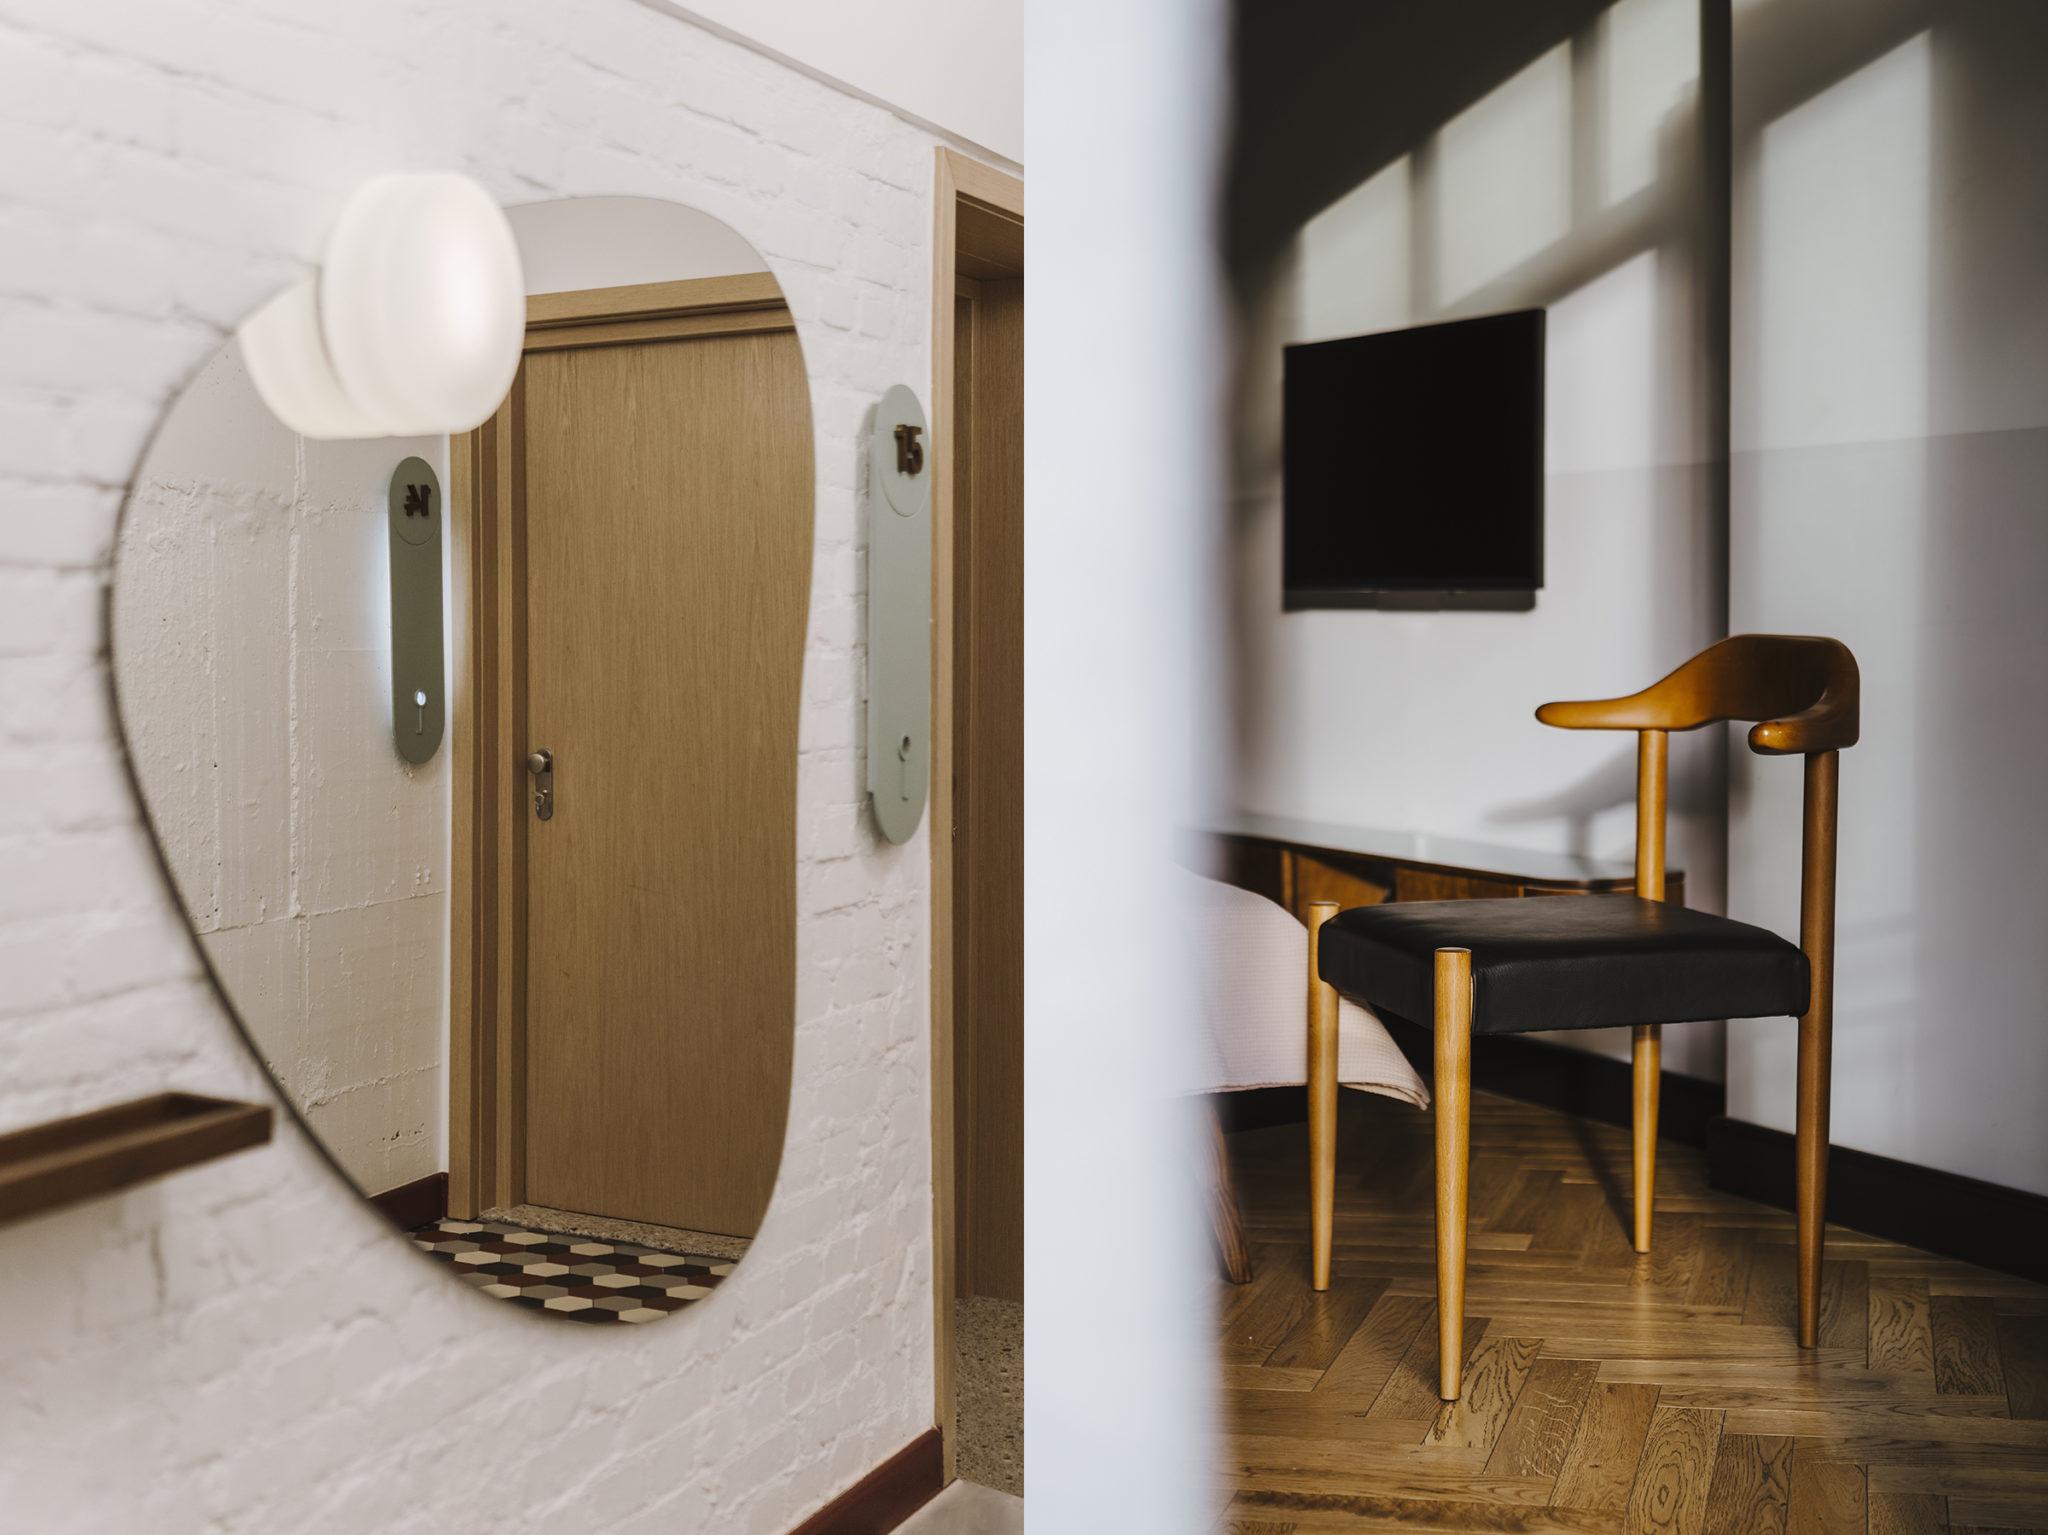 Zdjęcie przedstawiające lustro oraz krzesło